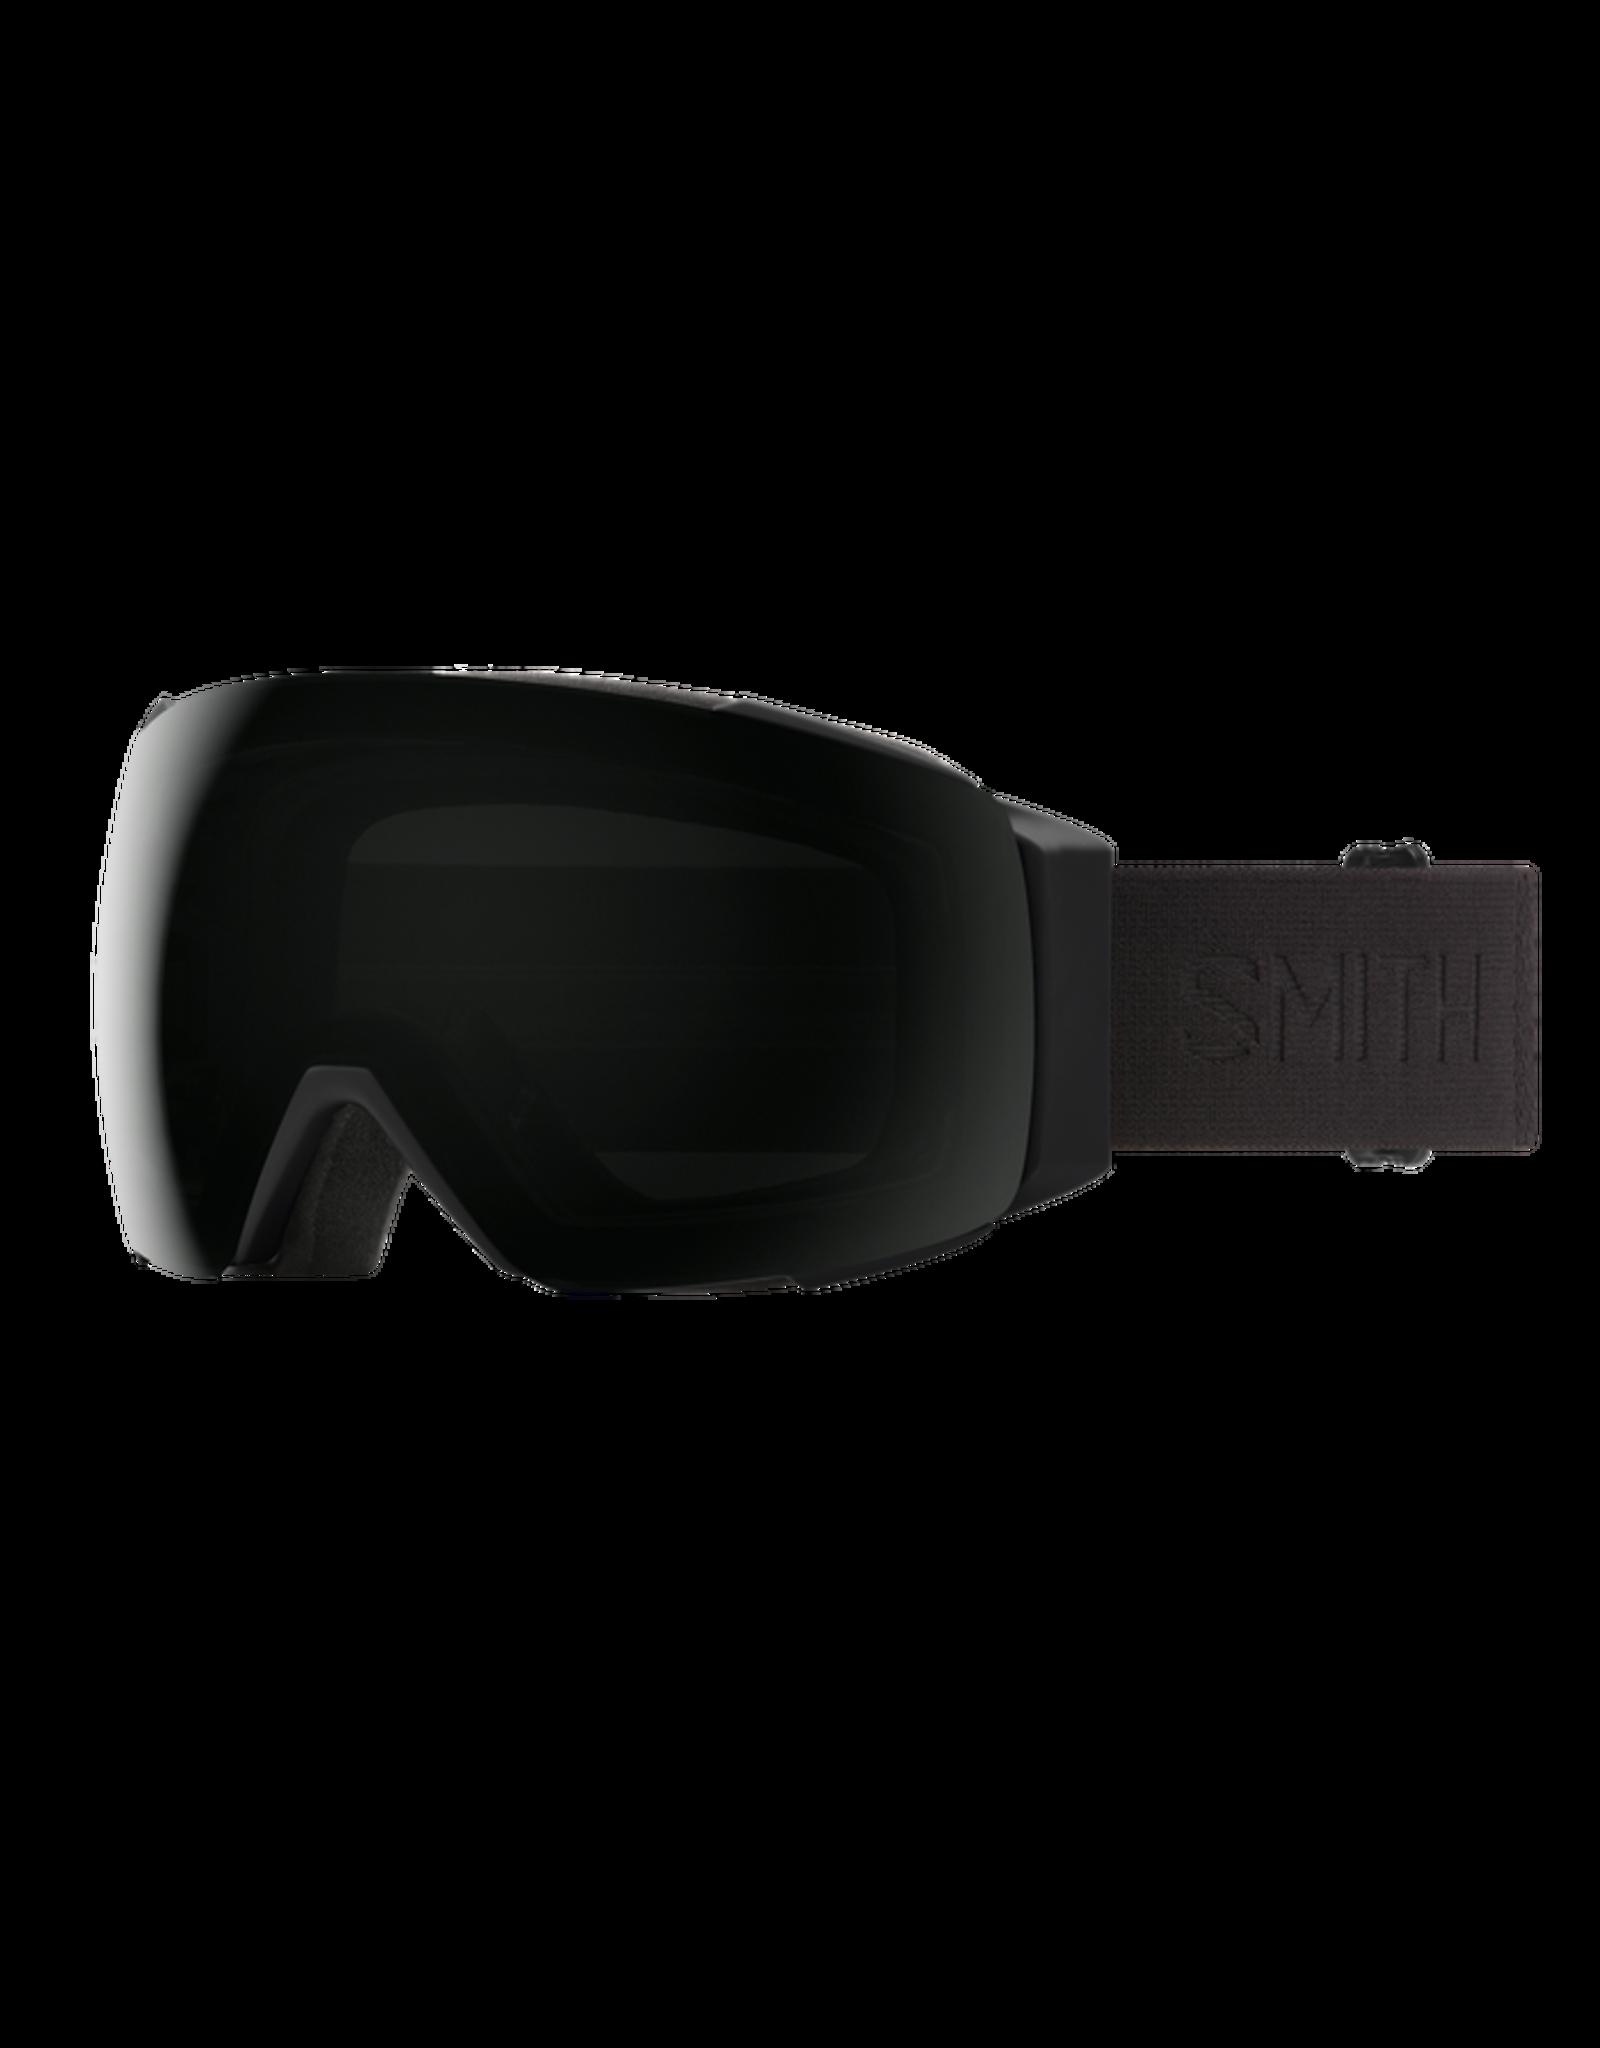 smith optics Smith IO Mag Goggles - Chromapop Sun Black - Blackout